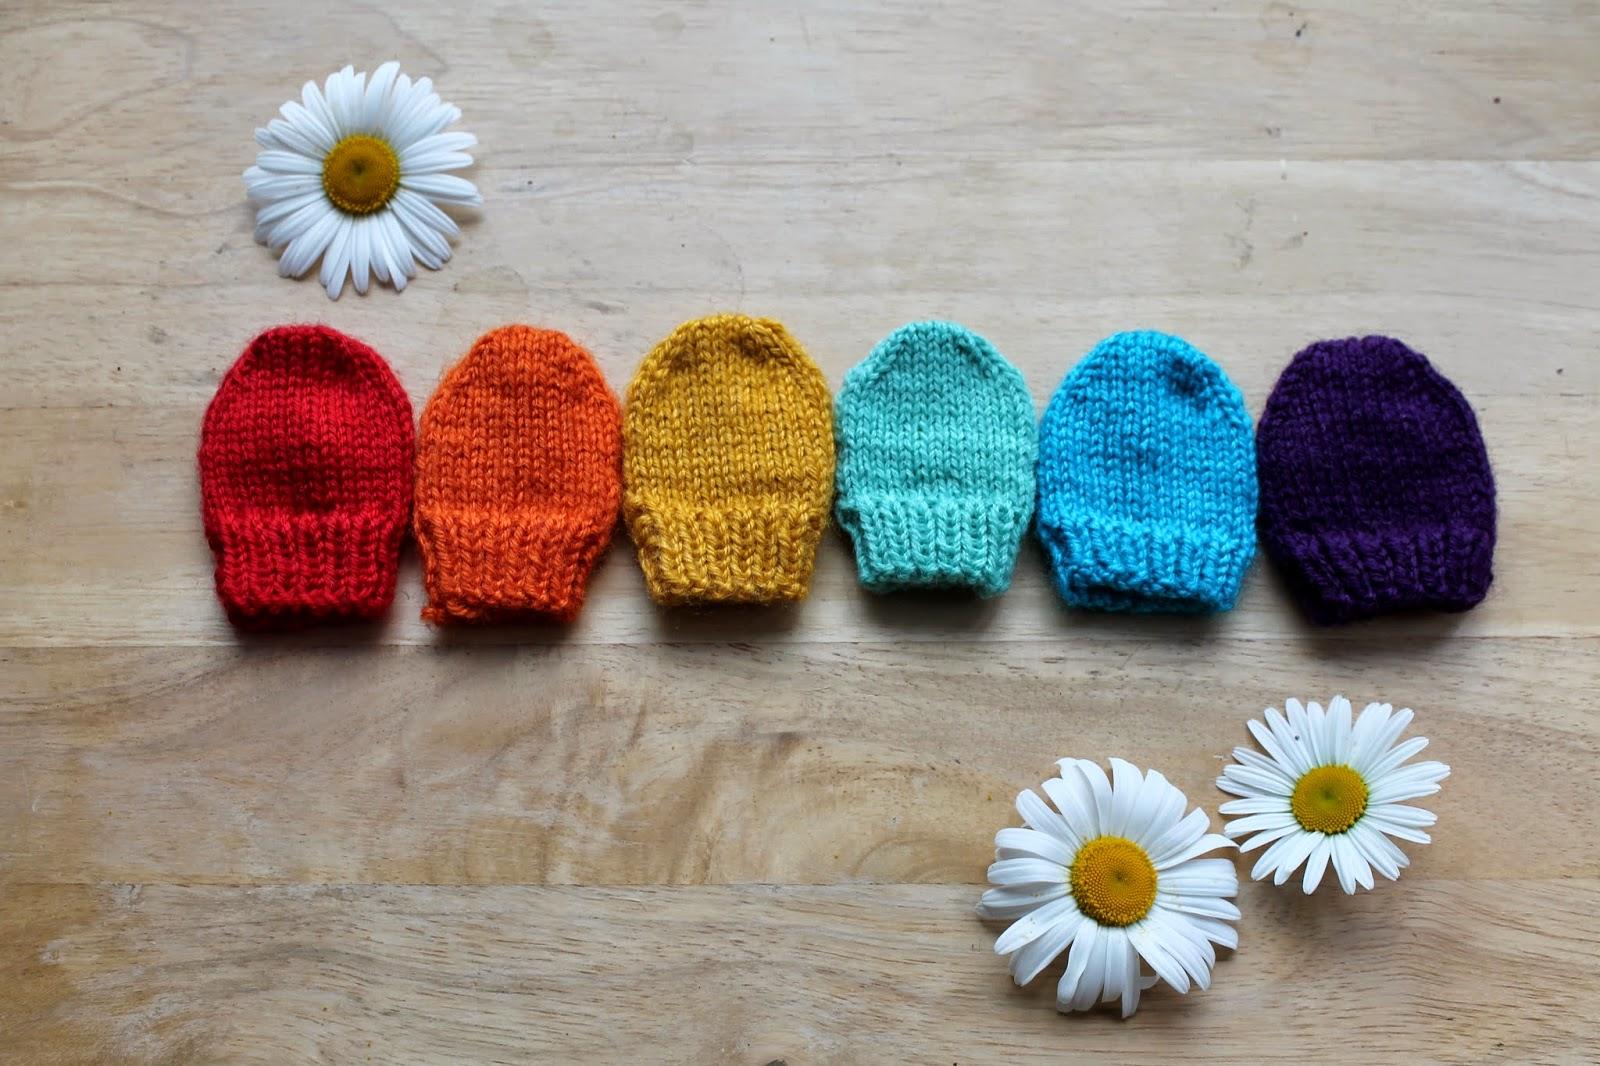 Vous pouvez aussi rejoindre l initiative en tricotant, cousant, fabricant  des créations hand made, pour les bébés nés trop tôt. Retrouvez tous les  détails ... f972e3fc2ef